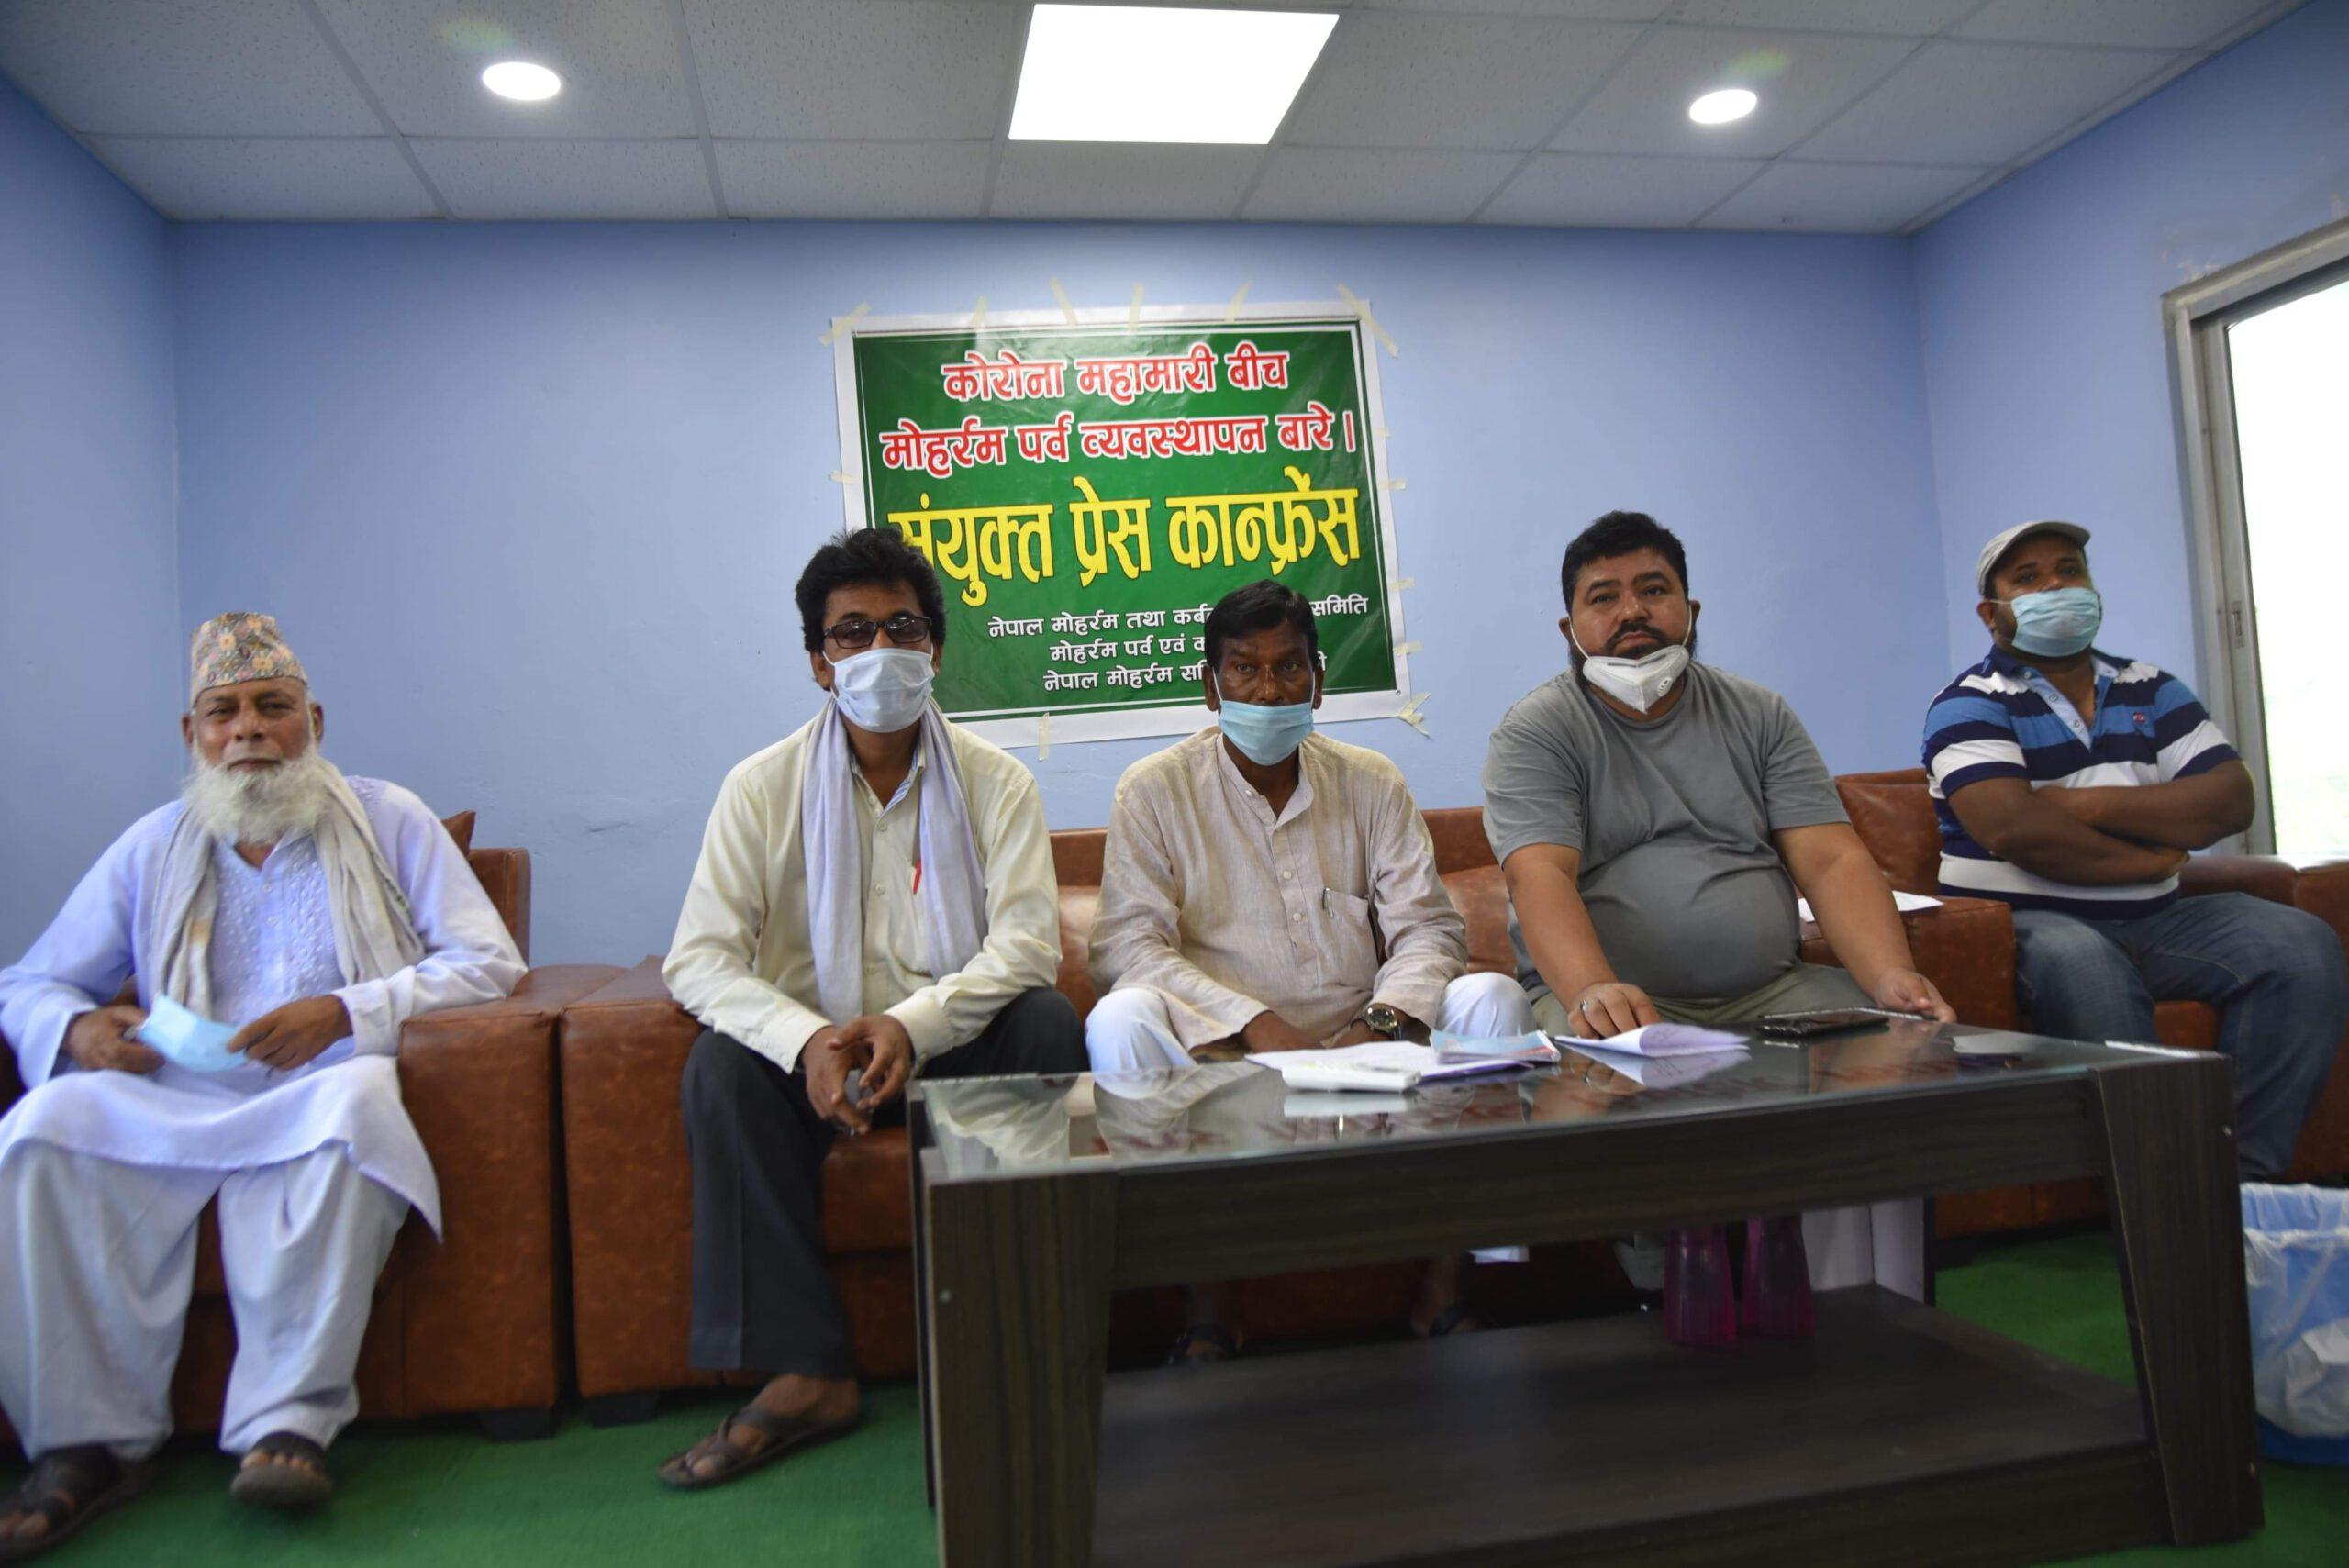 सरकारी मापदण्ड अनुसार मोहर्रम पर्व मनाउन मुस्लिम अगुवाहरुको आग्रह